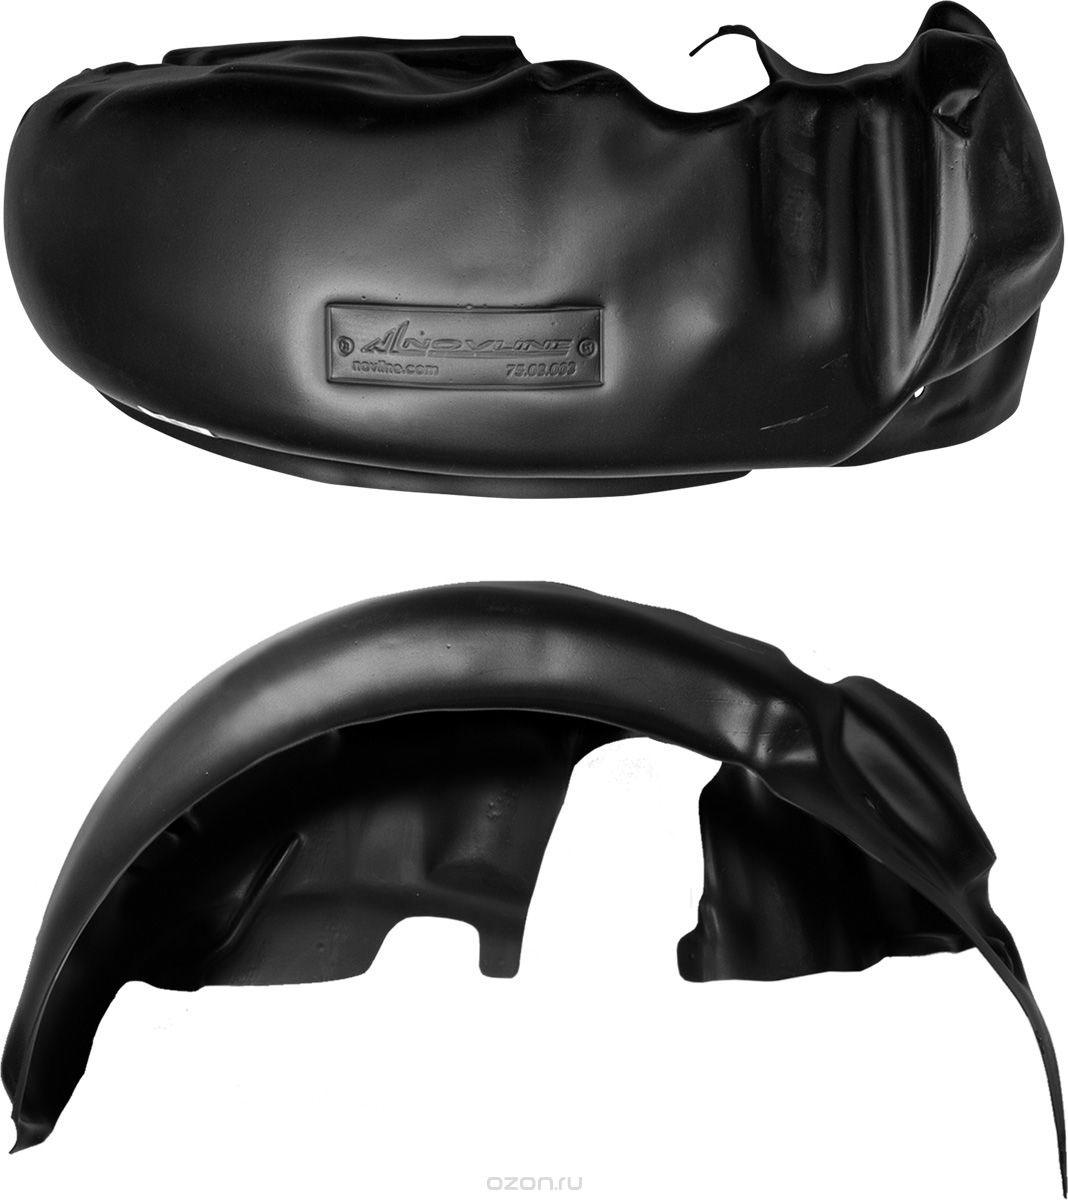 Подкрылок Novline-Autofamily, для LIFAN Smily, 2014->, задний левыйSVC-300Идеальная защита колесной ниши. Локеры разработаны с применением цифровых технологий, гарантируют максимальную повторяемость поверхности арки. Изделия устанавливаются без нарушения лакокрасочного покрытия автомобиля, каждый подкрылок комплектуется крепежом. Уважаемые клиенты, обращаем ваше внимание, что фотографии на подкрылки универсальные и не отражают реальную форму изделия. При этом само изделие идет точно под размер указанного автомобиля.